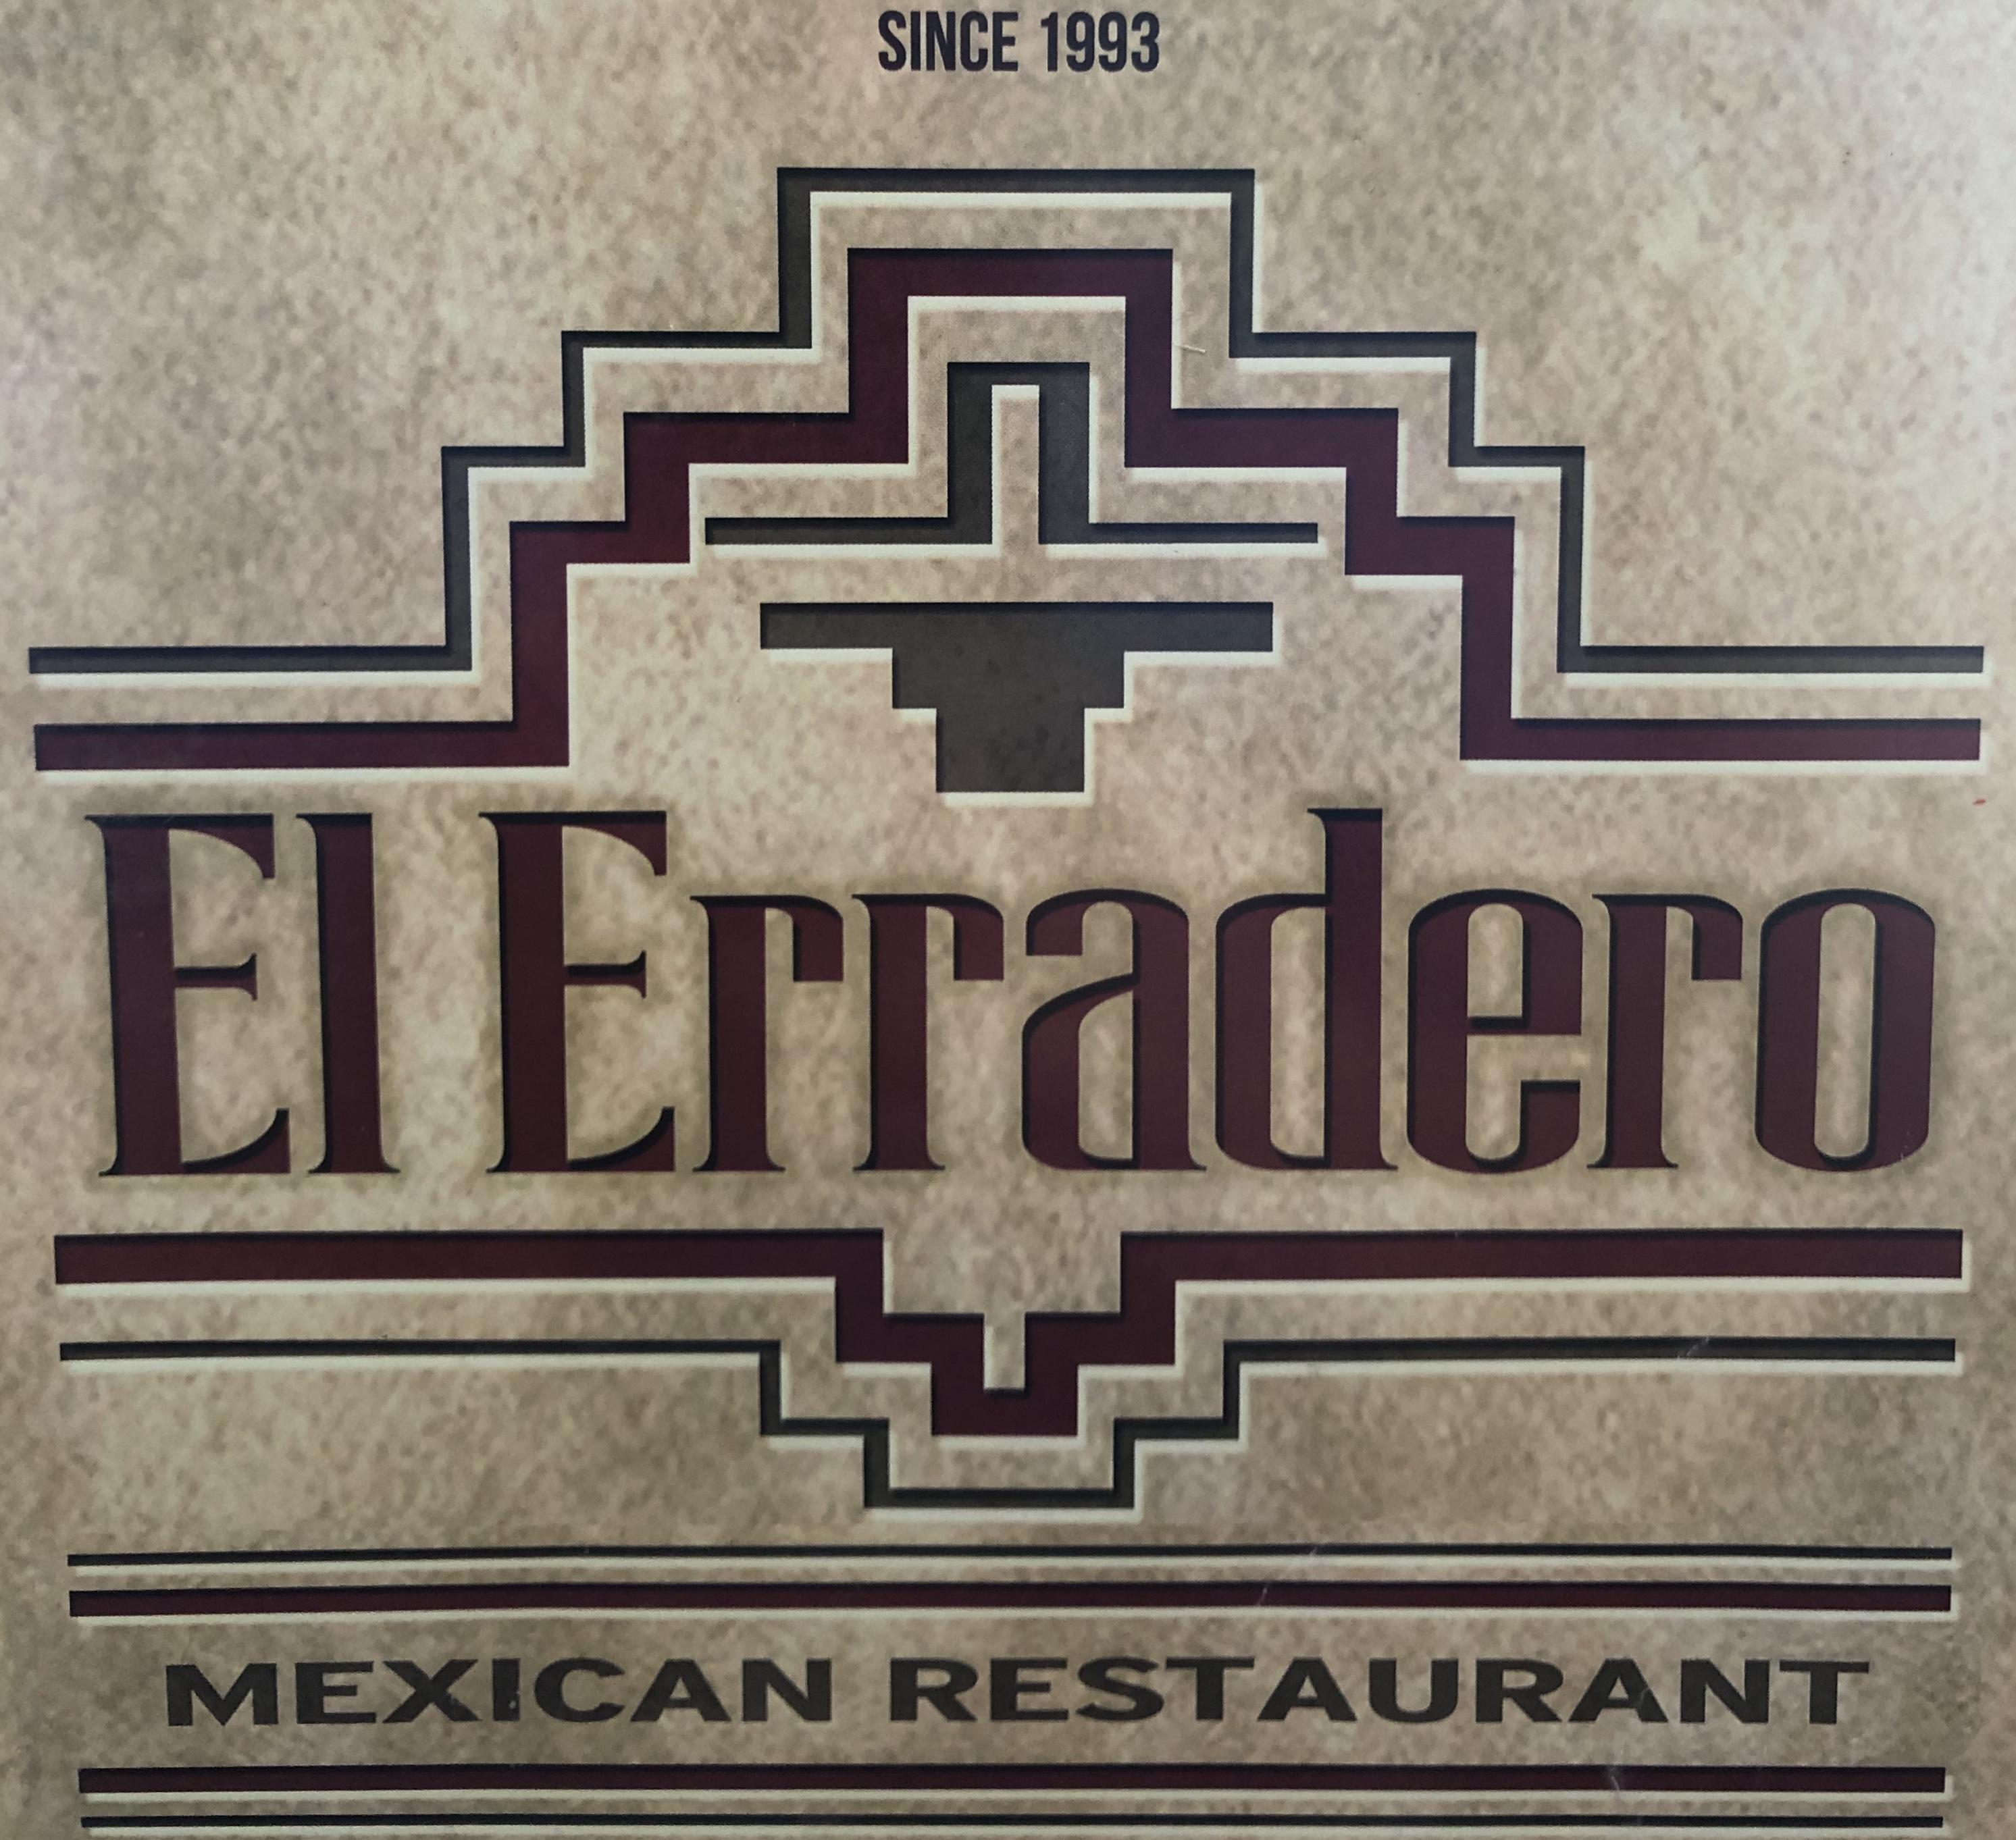 El Erradero Mexican Restaurant